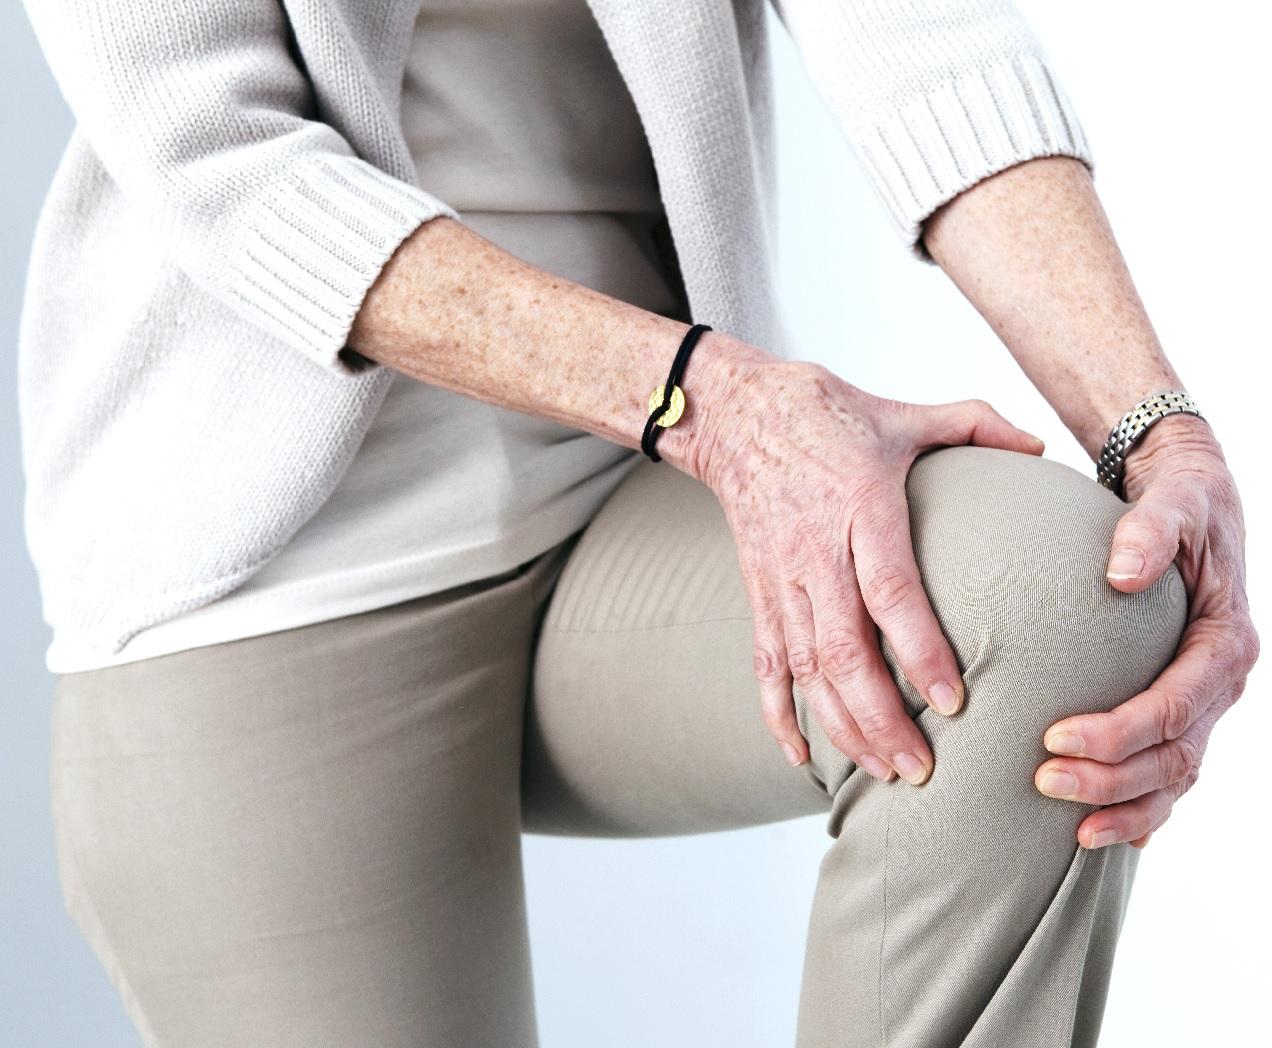 Hátfájás, nyaki panaszok, ízületek - Tíz gyakori kérdés a reumatológiában - fájdalomportáerbenagrar.hu